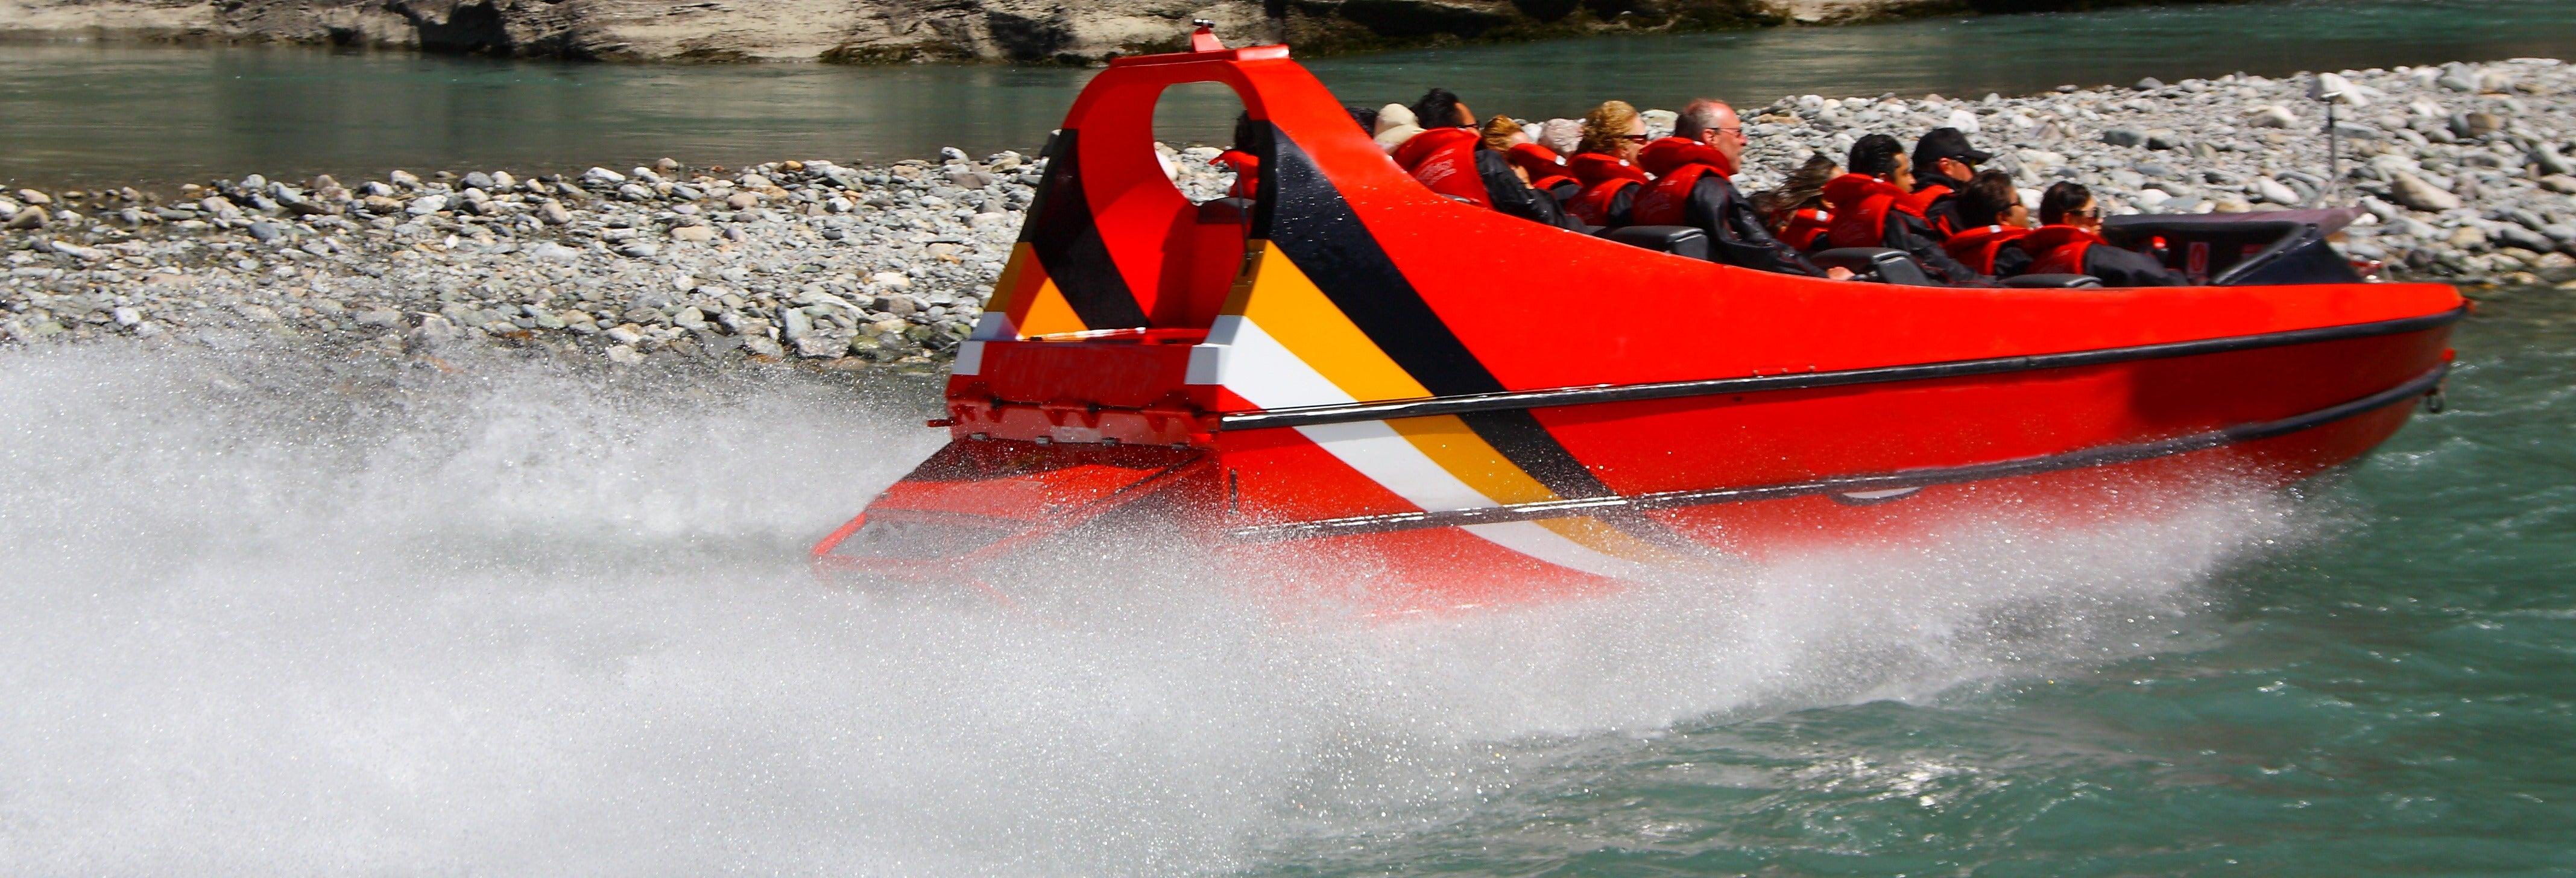 Experiência Jet Boat no Porto